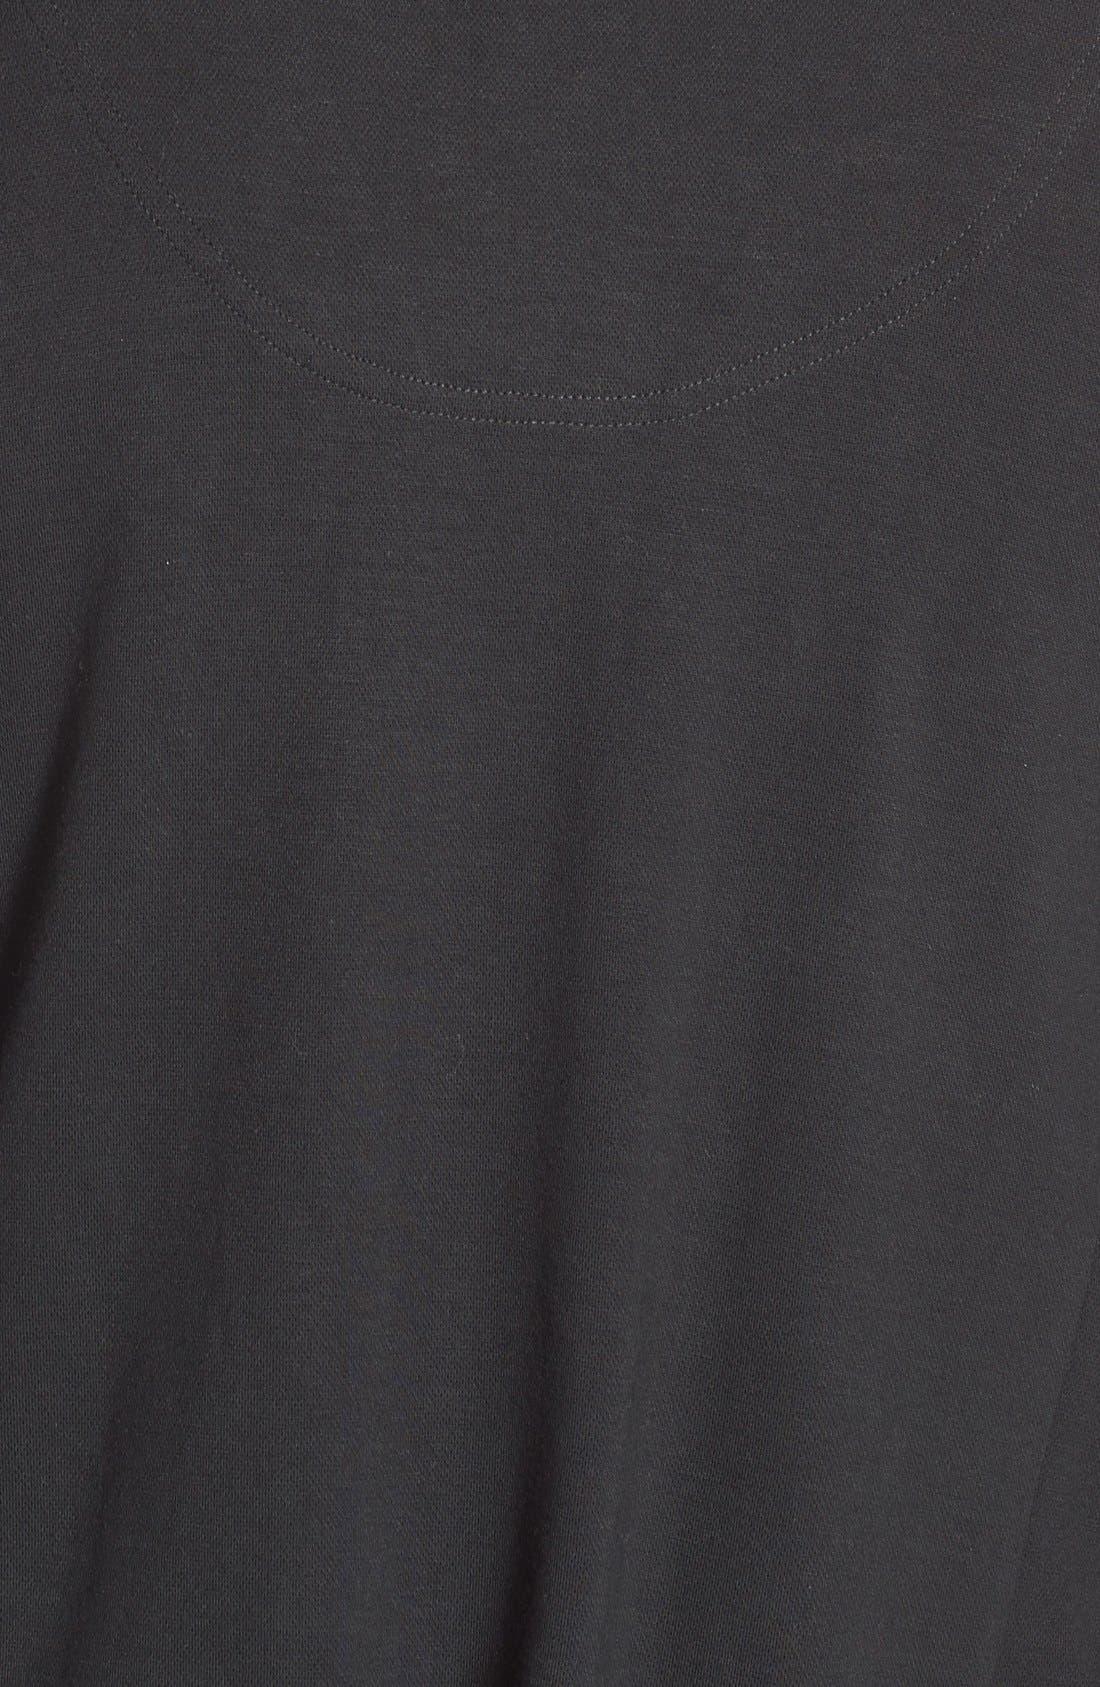 Alternate Image 3  - Tart 'Olga' Knit Jacket (Plus Size)